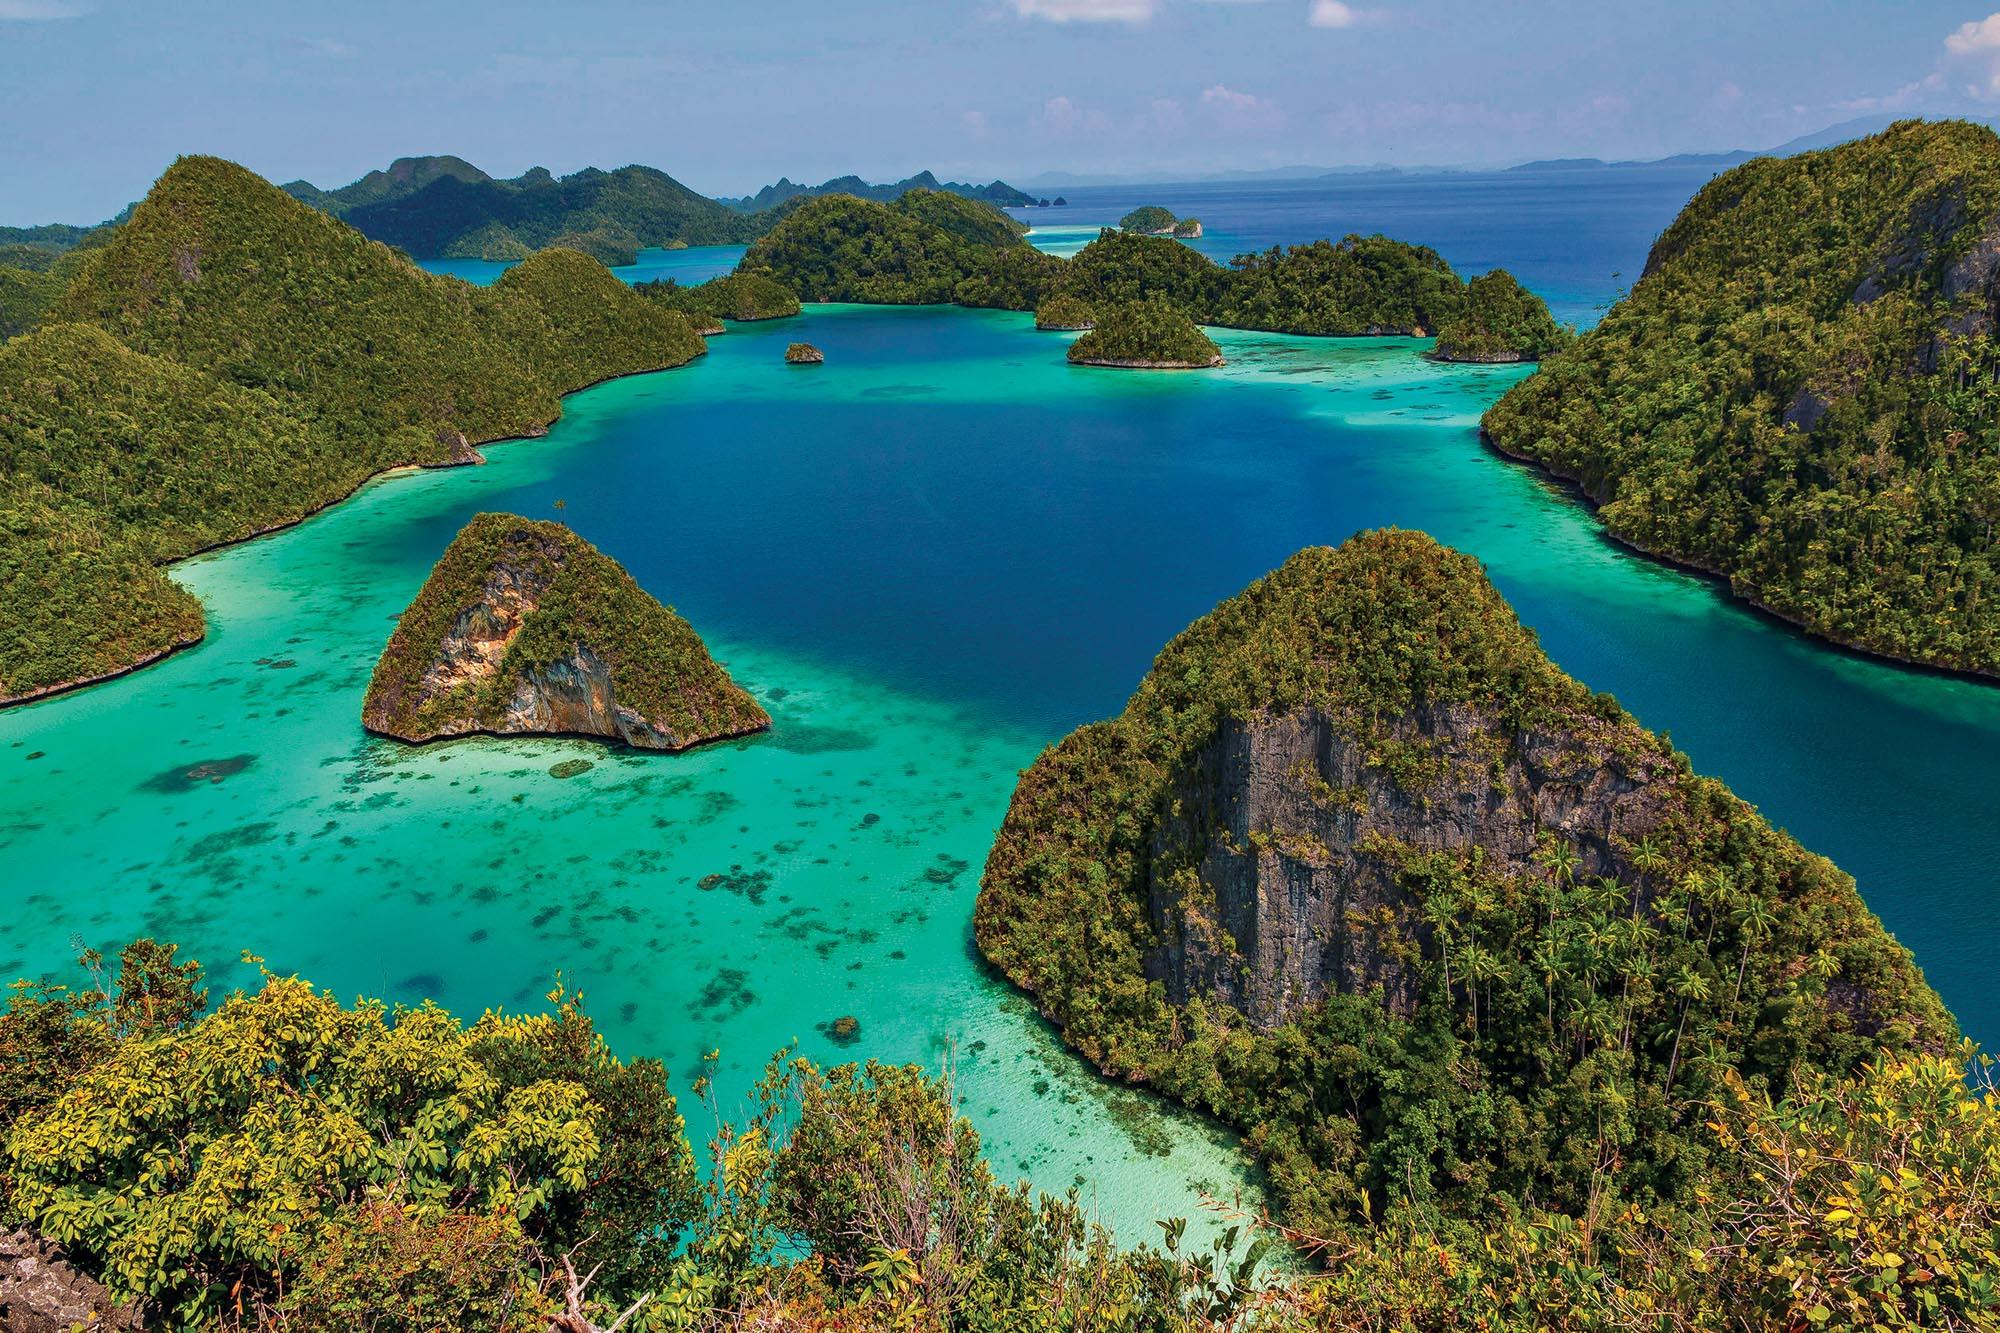 Краєвиди біля острова Вайгейо, на Сході Індонезії, провінція Західна Папуа